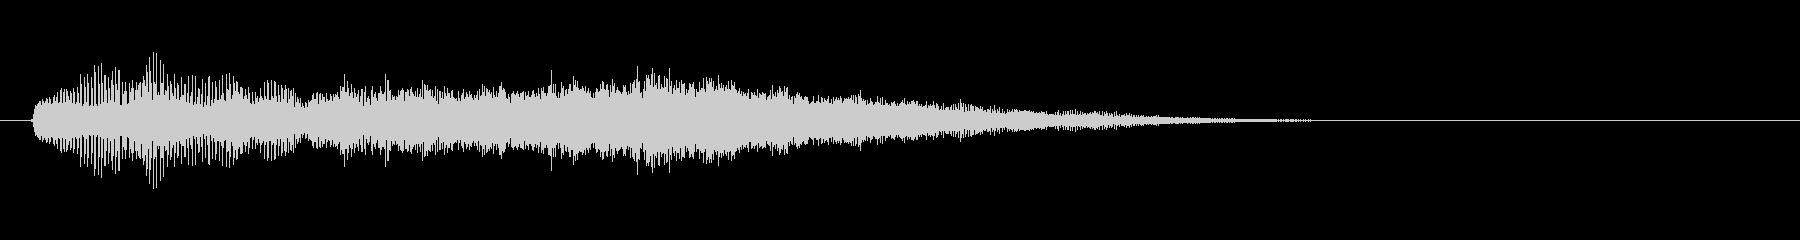 テーマ7:代替ミックスの未再生の波形